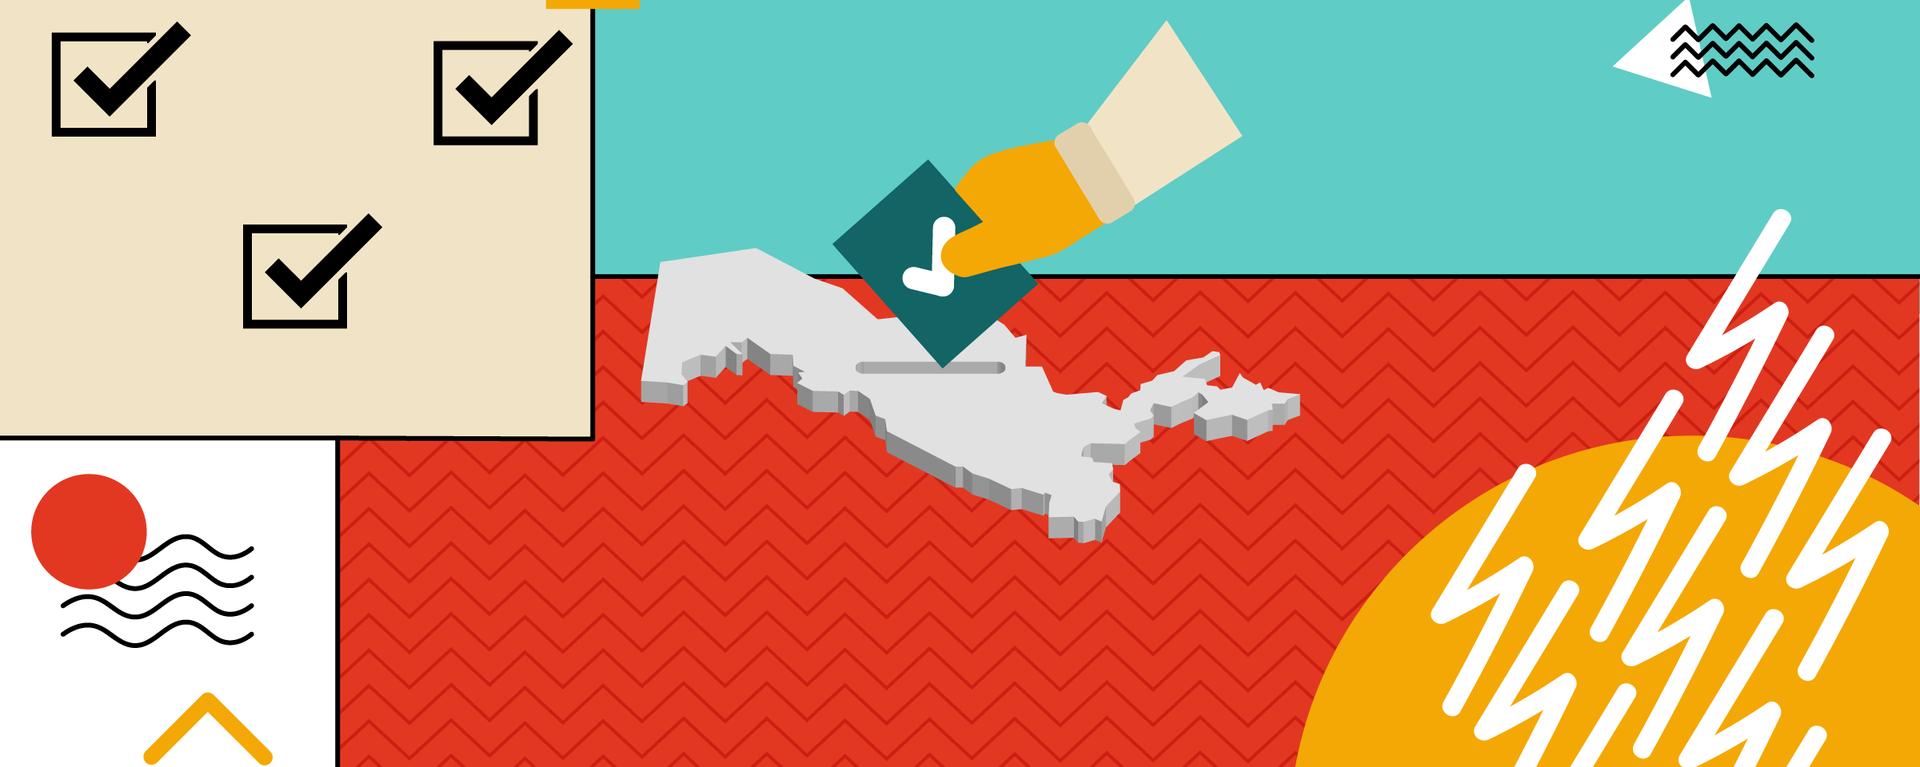 Президентские выборы в Узбекистане — 2021 - Sputnik Узбекистан, 1920, 06.10.2021